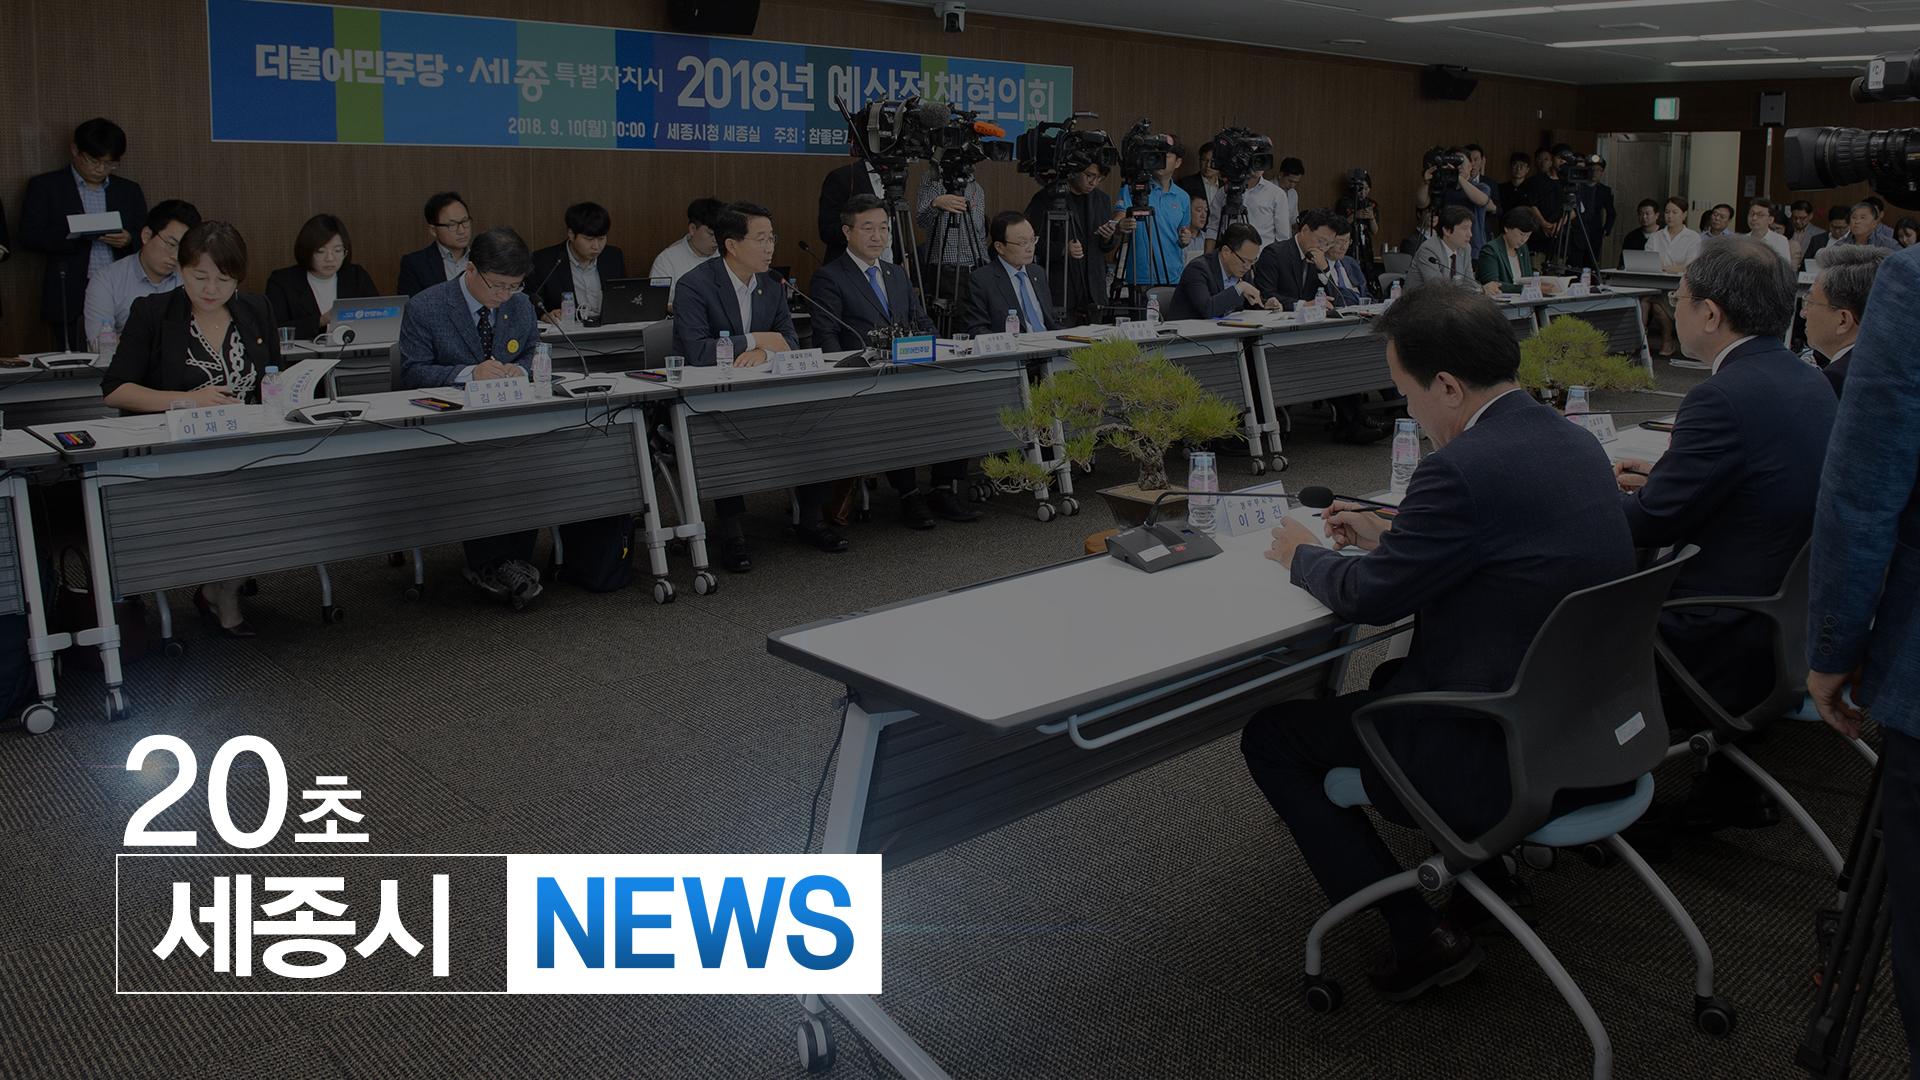 <20초뉴스>  세종시-민주당'행정수도 완성'힘 모은다